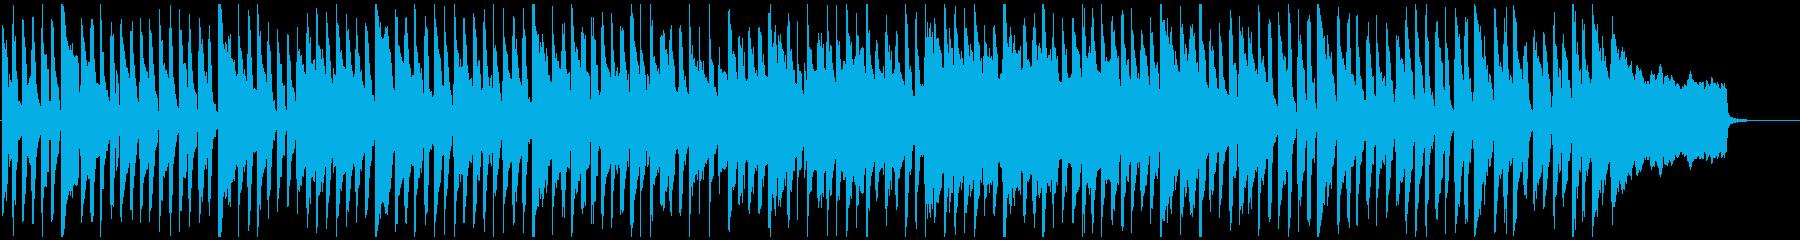 猫、犬、ほのぼのしたペット動画向け脱力曲の再生済みの波形